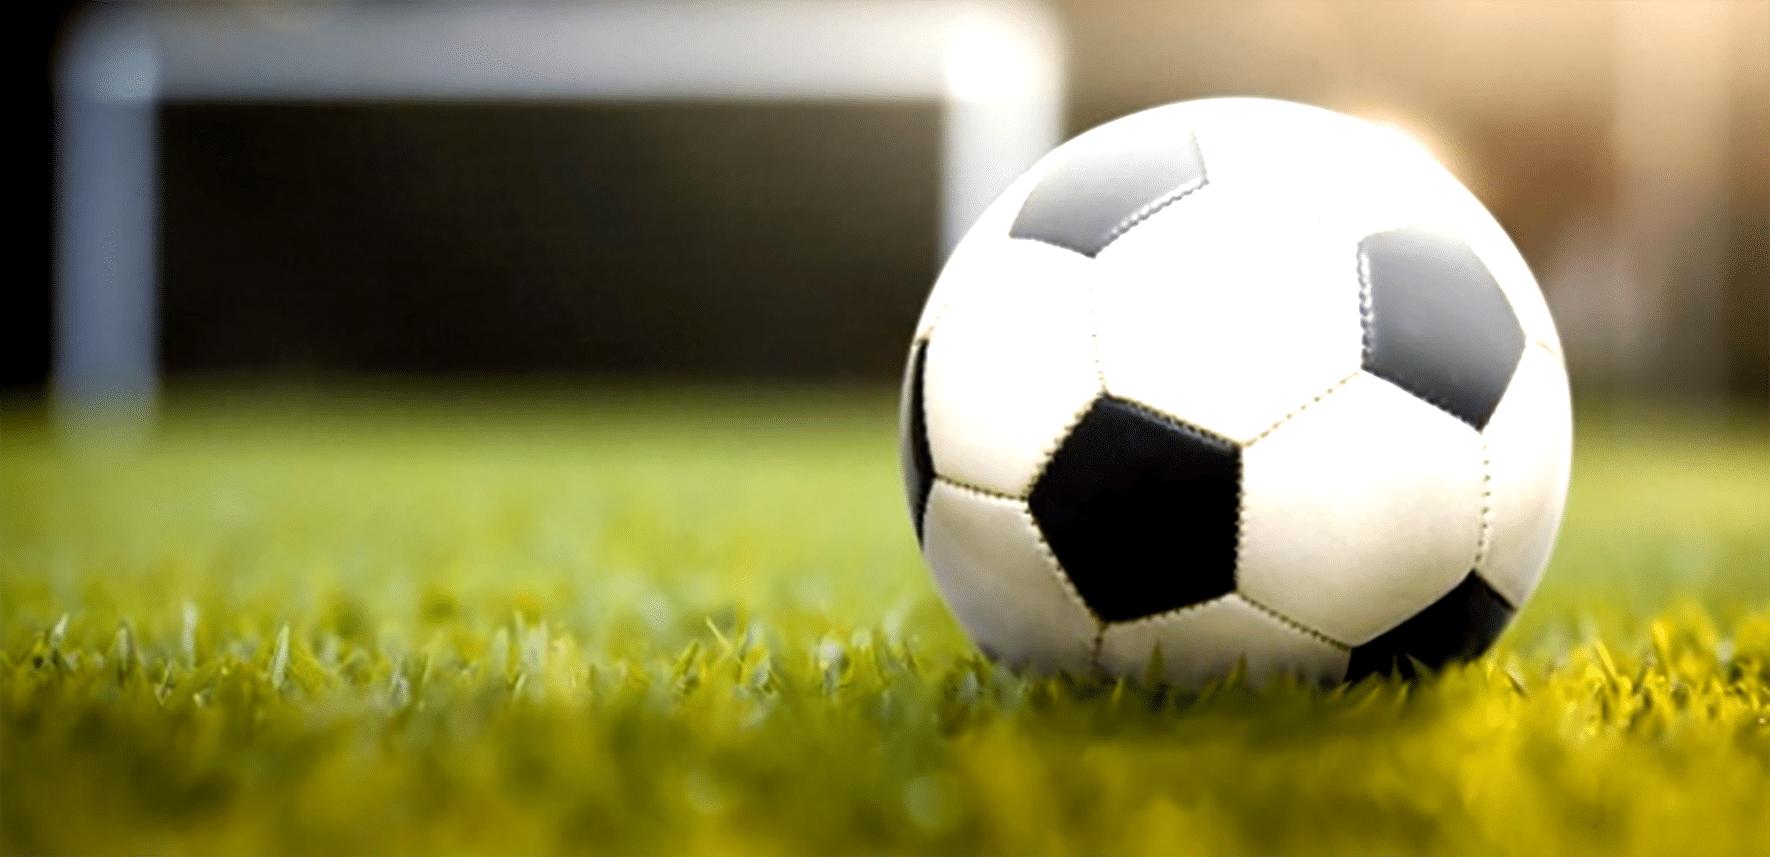 Quero_apostar_em_futebol_por_onde_começar-11